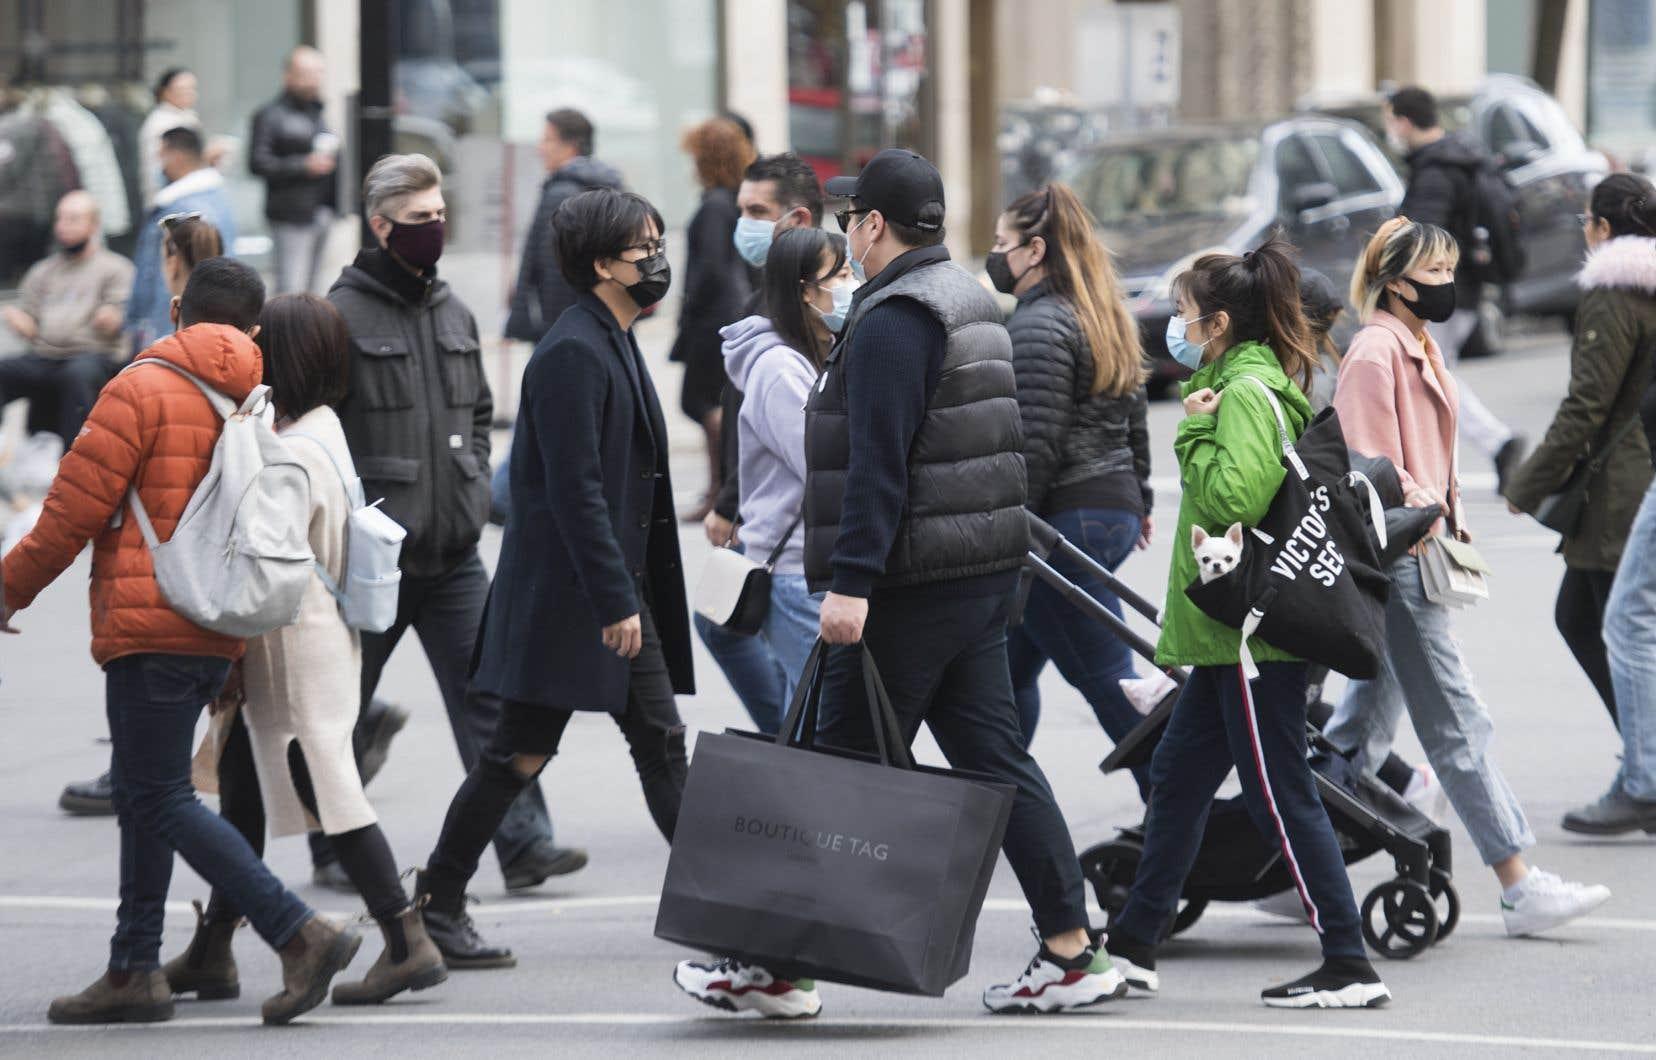 «Il est tout simplement impossible de penser que tous les immigrants auront un niveau de français suffisant pour utiliser ces services après seulement six mois au Québec», estiment les signataires.